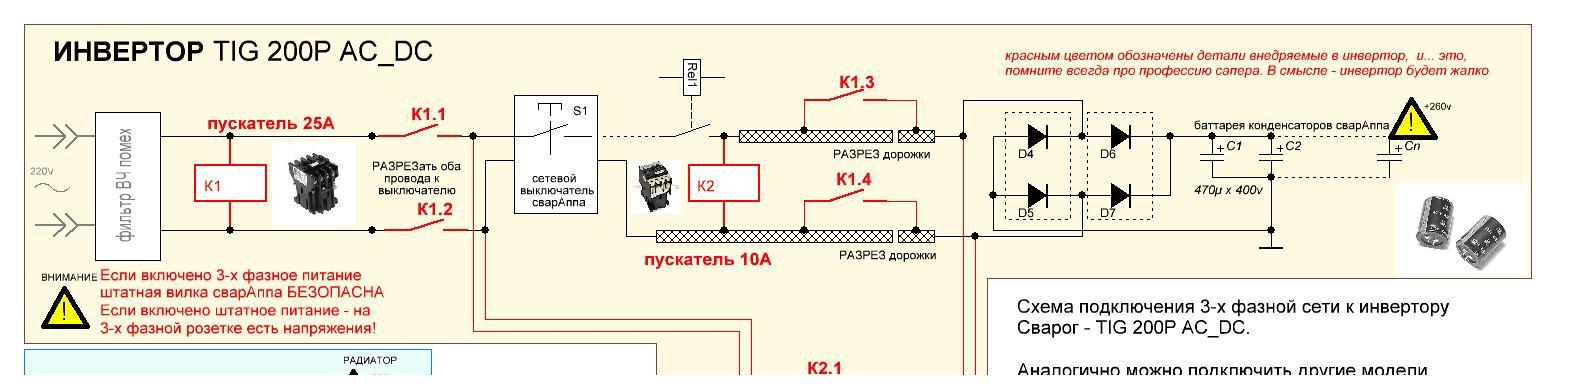 Самодельный сварочный аппарат: однофазный инвертор СВАРОГ в трехфазный . Ч.2. Сварка своими руками